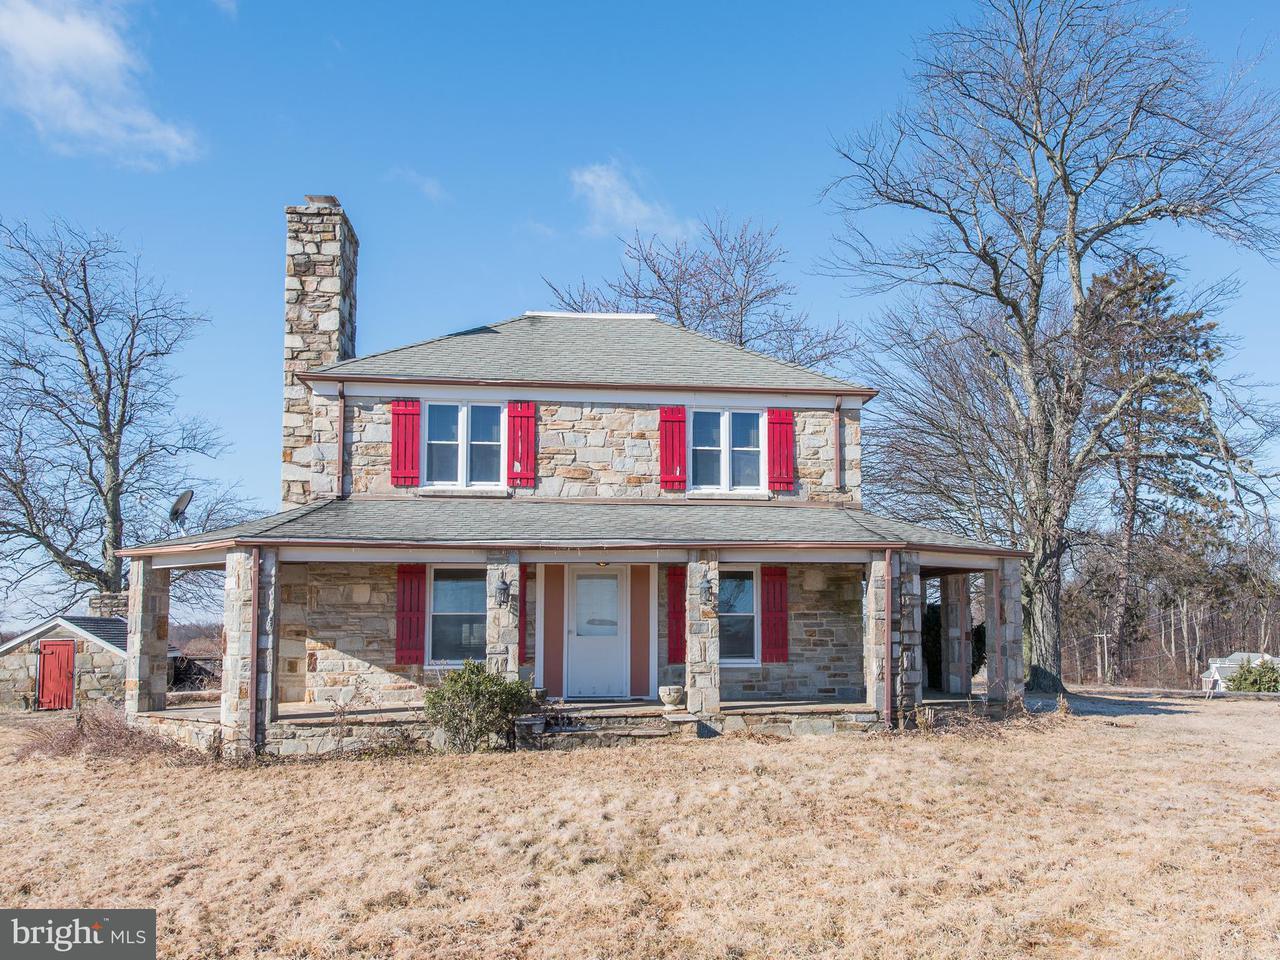 Farm / Hof für Verkauf beim 1021 Saffell Road 1021 Saffell Road Reisterstown, Maryland 21136 Vereinigte Staaten